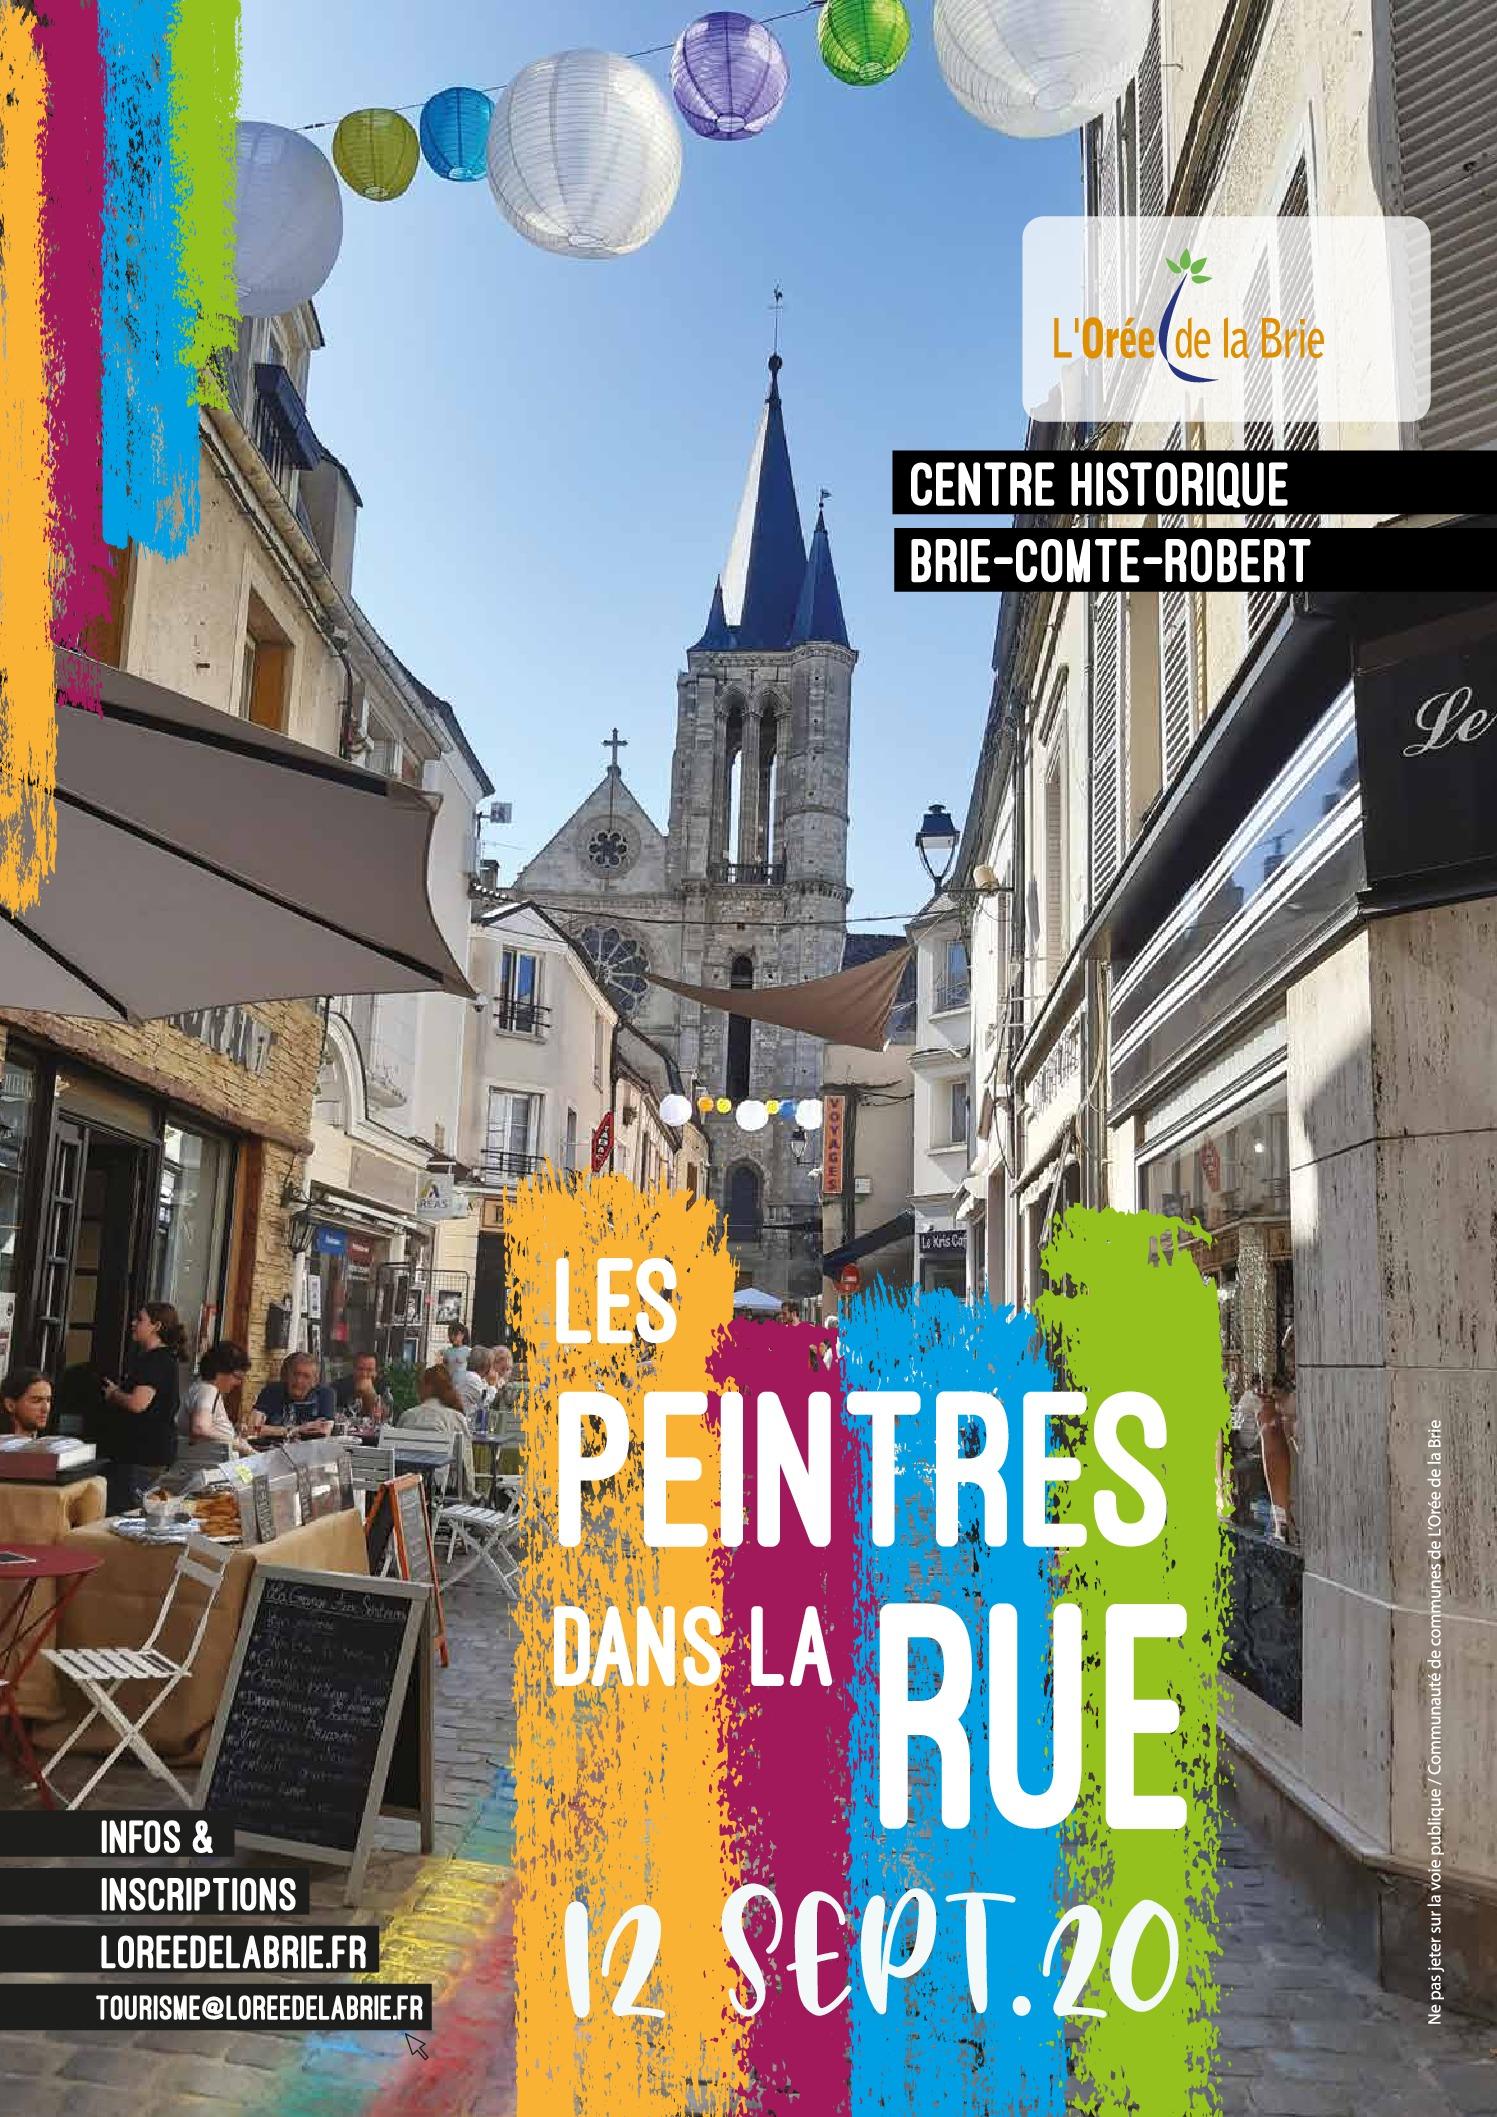 thumbnail of affiche peintres dans la rue imprimeur web